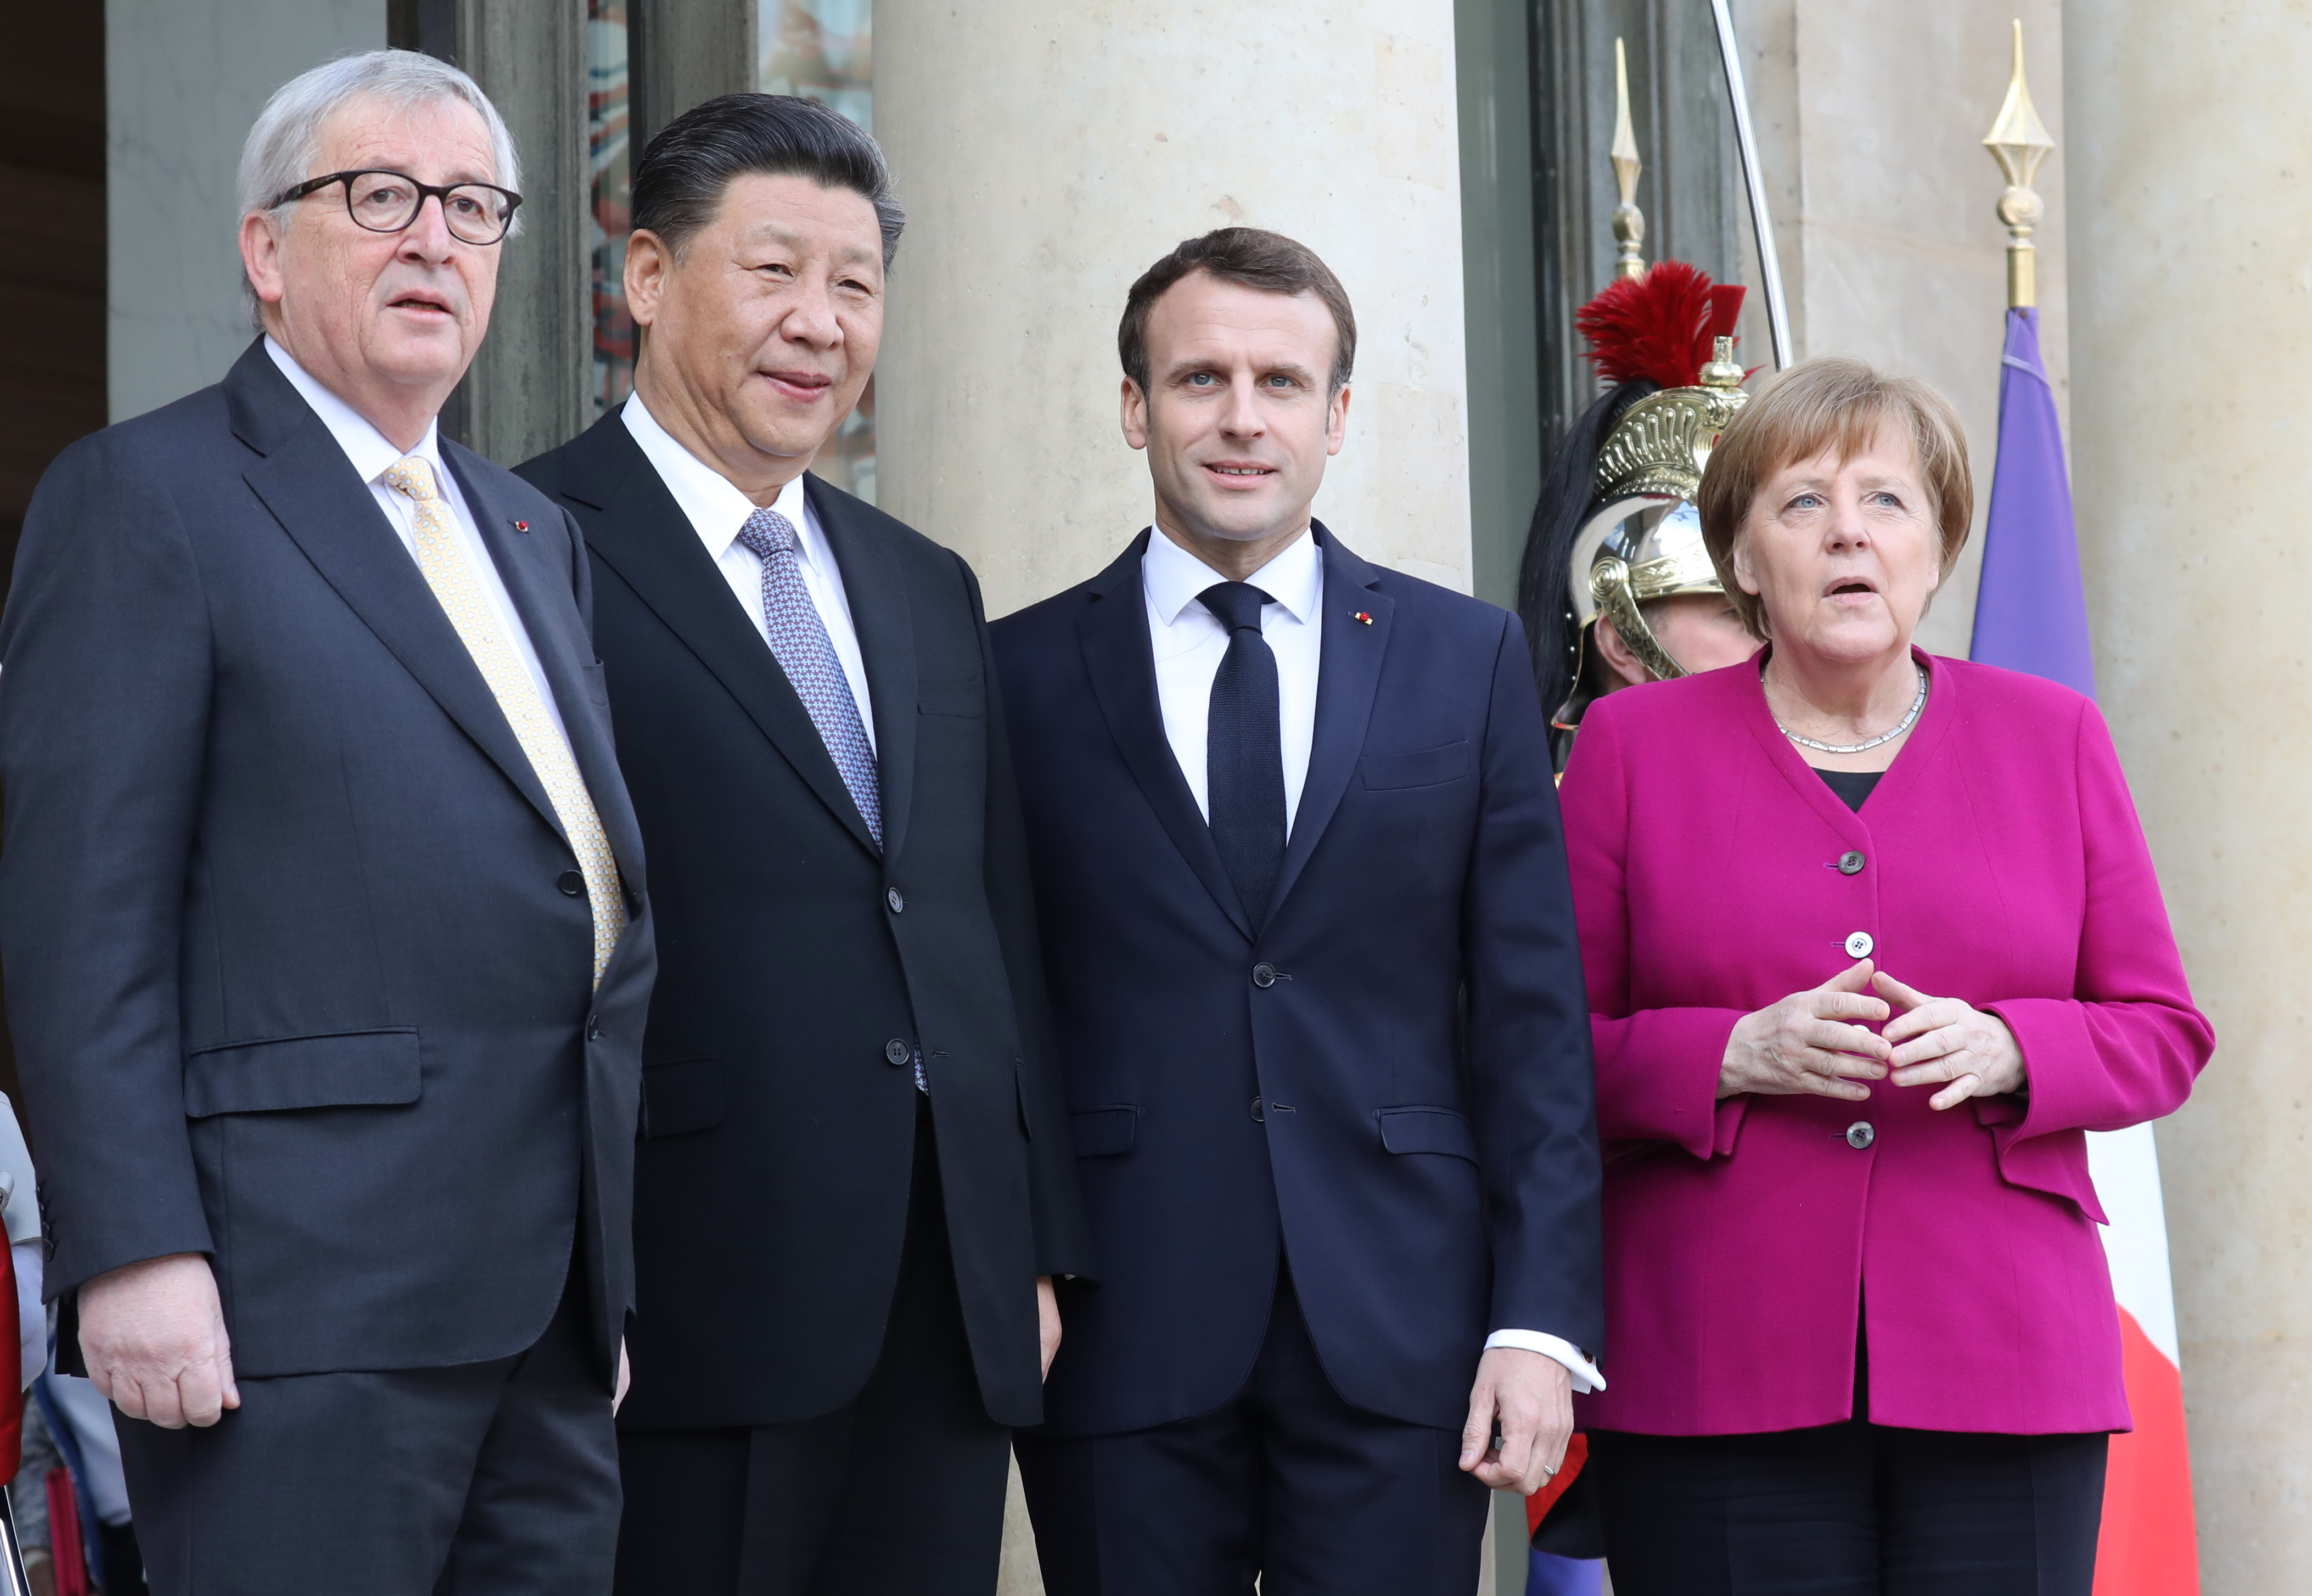 習近平訪巴黎 馬克龍籲中共尊重歐盟統一